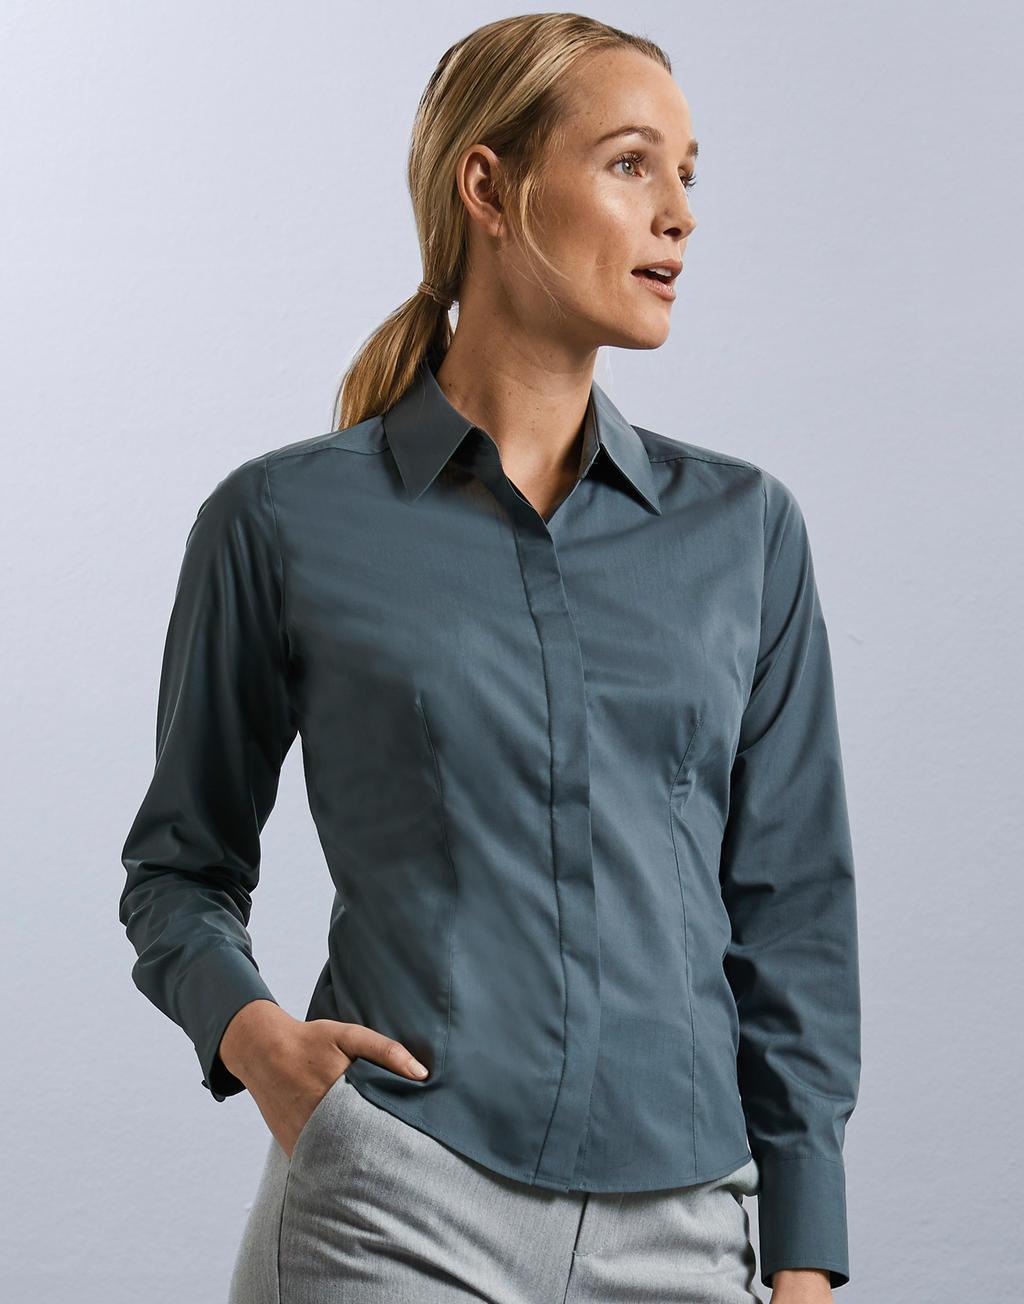 Bluzka popelinowa z długimi rękawami